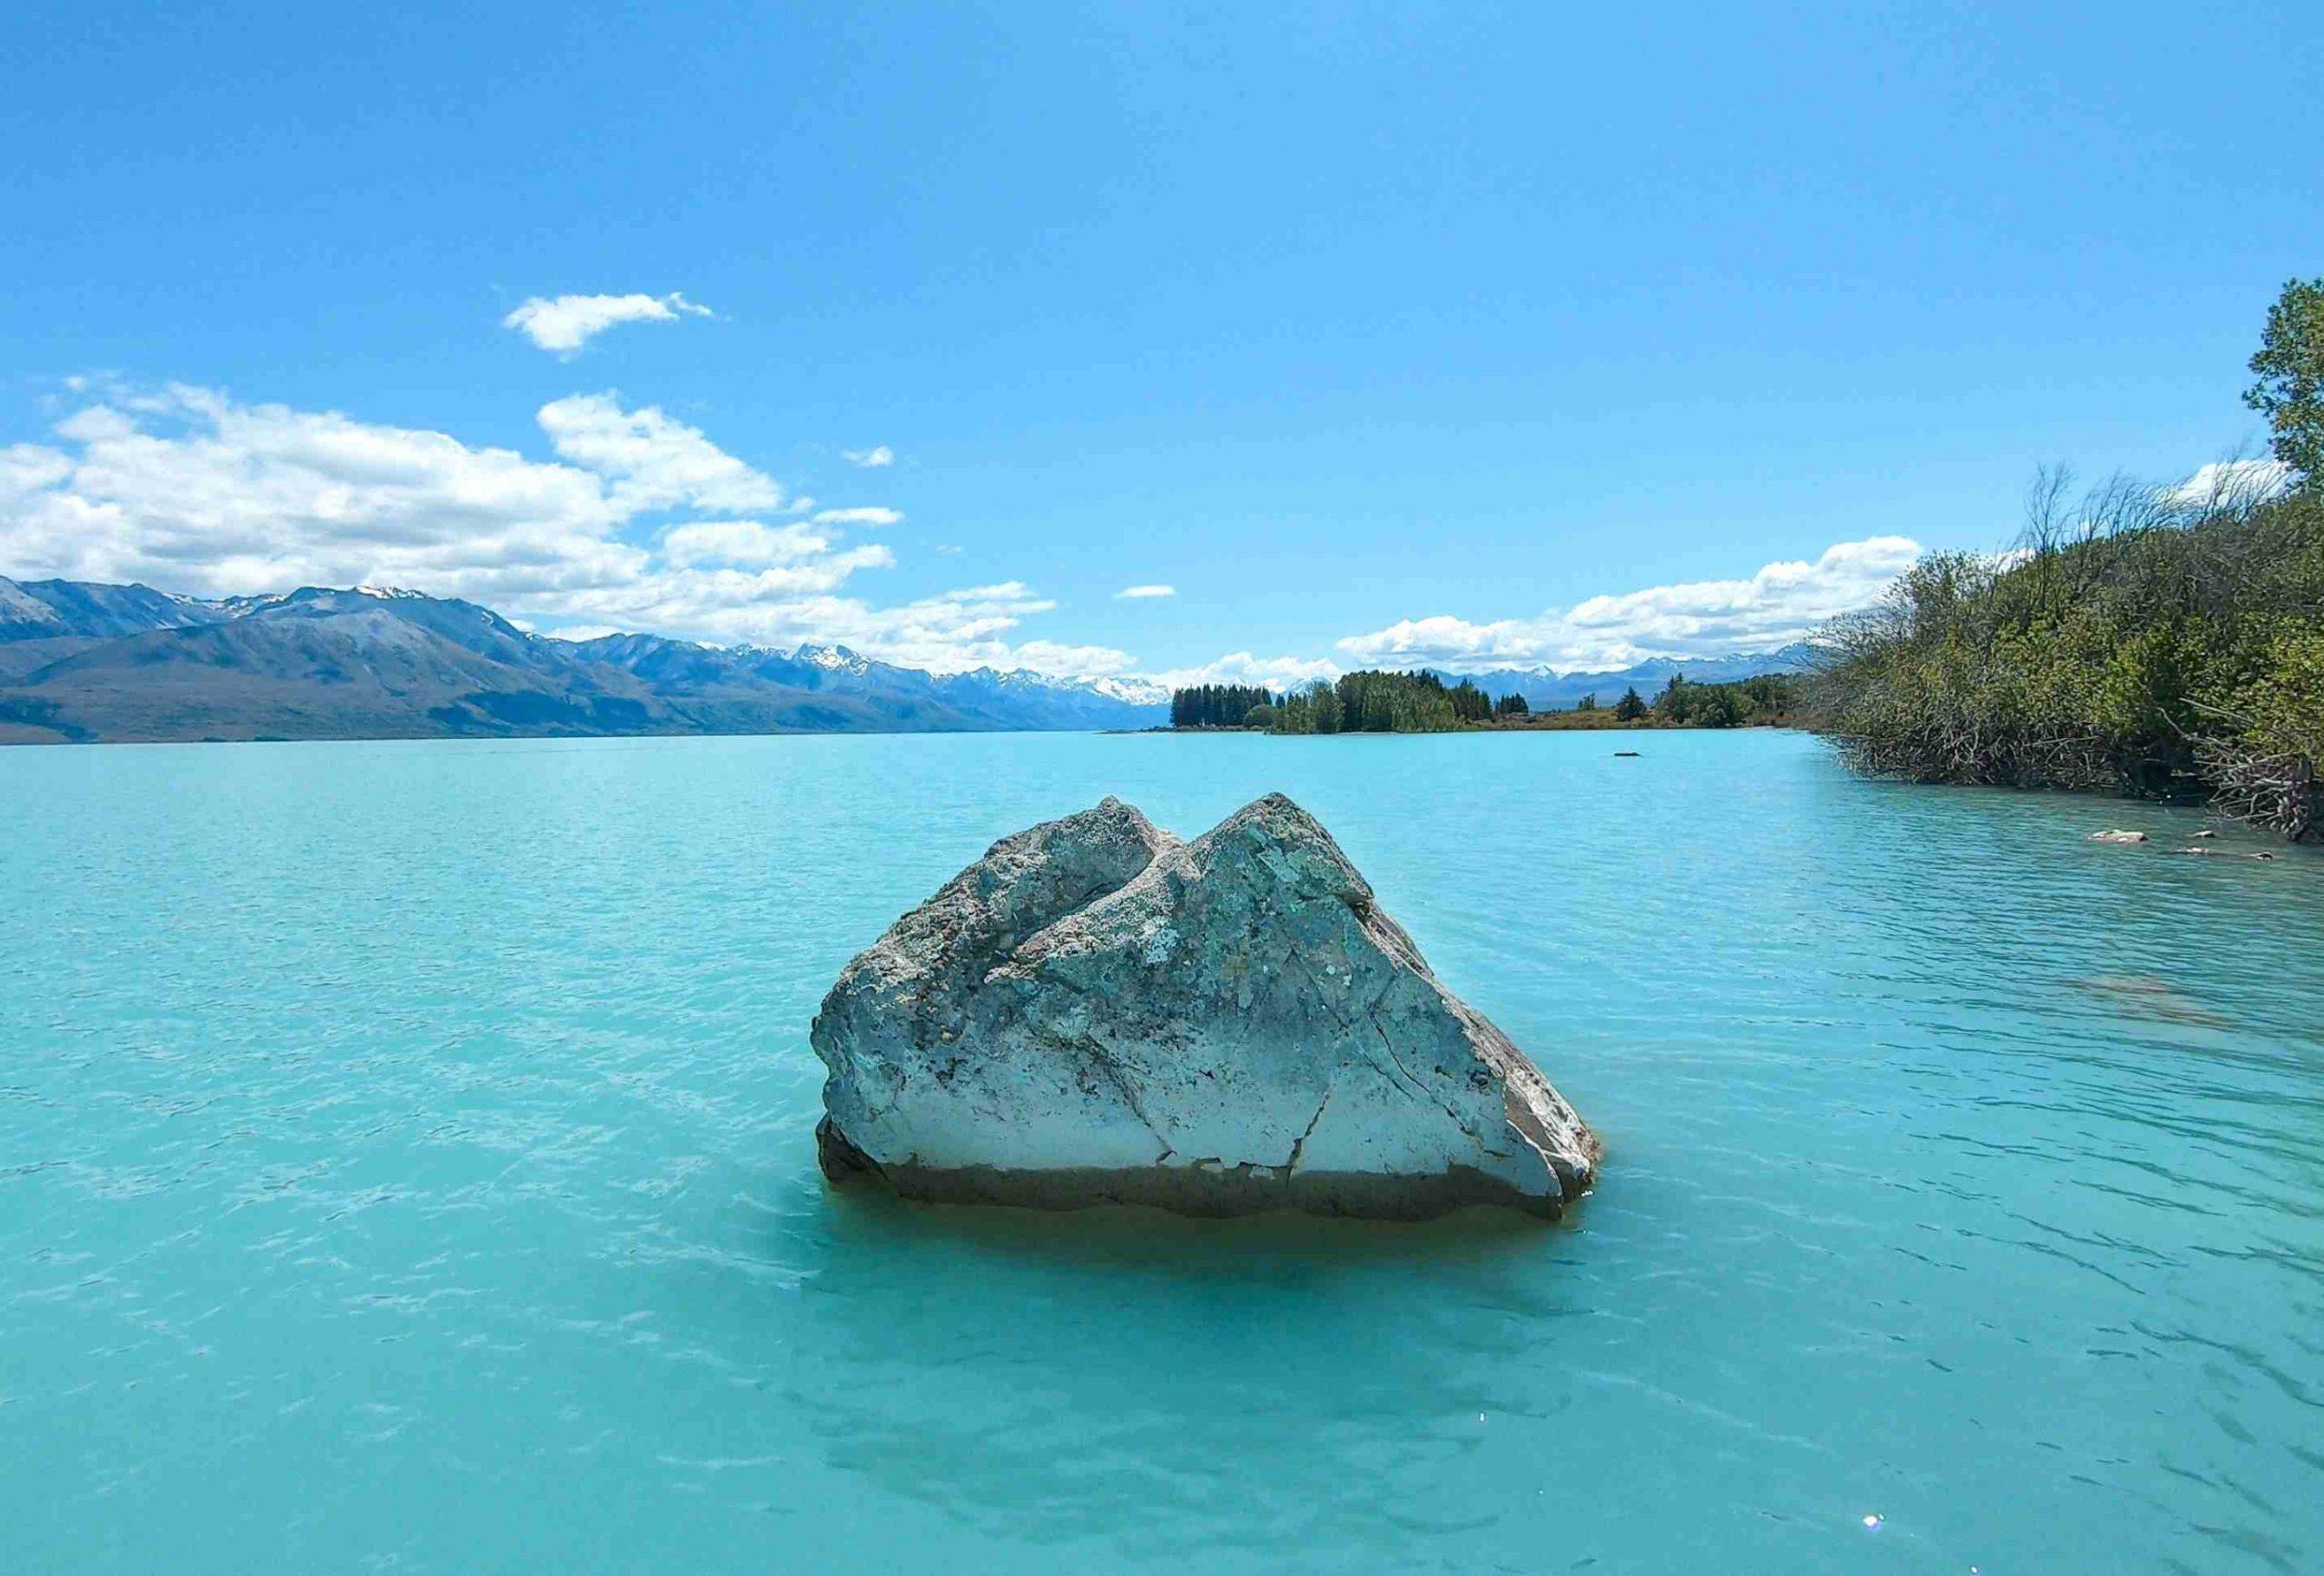 Ein Fels, der aus dem Wasser schaut, in dem See Lake Pukaki